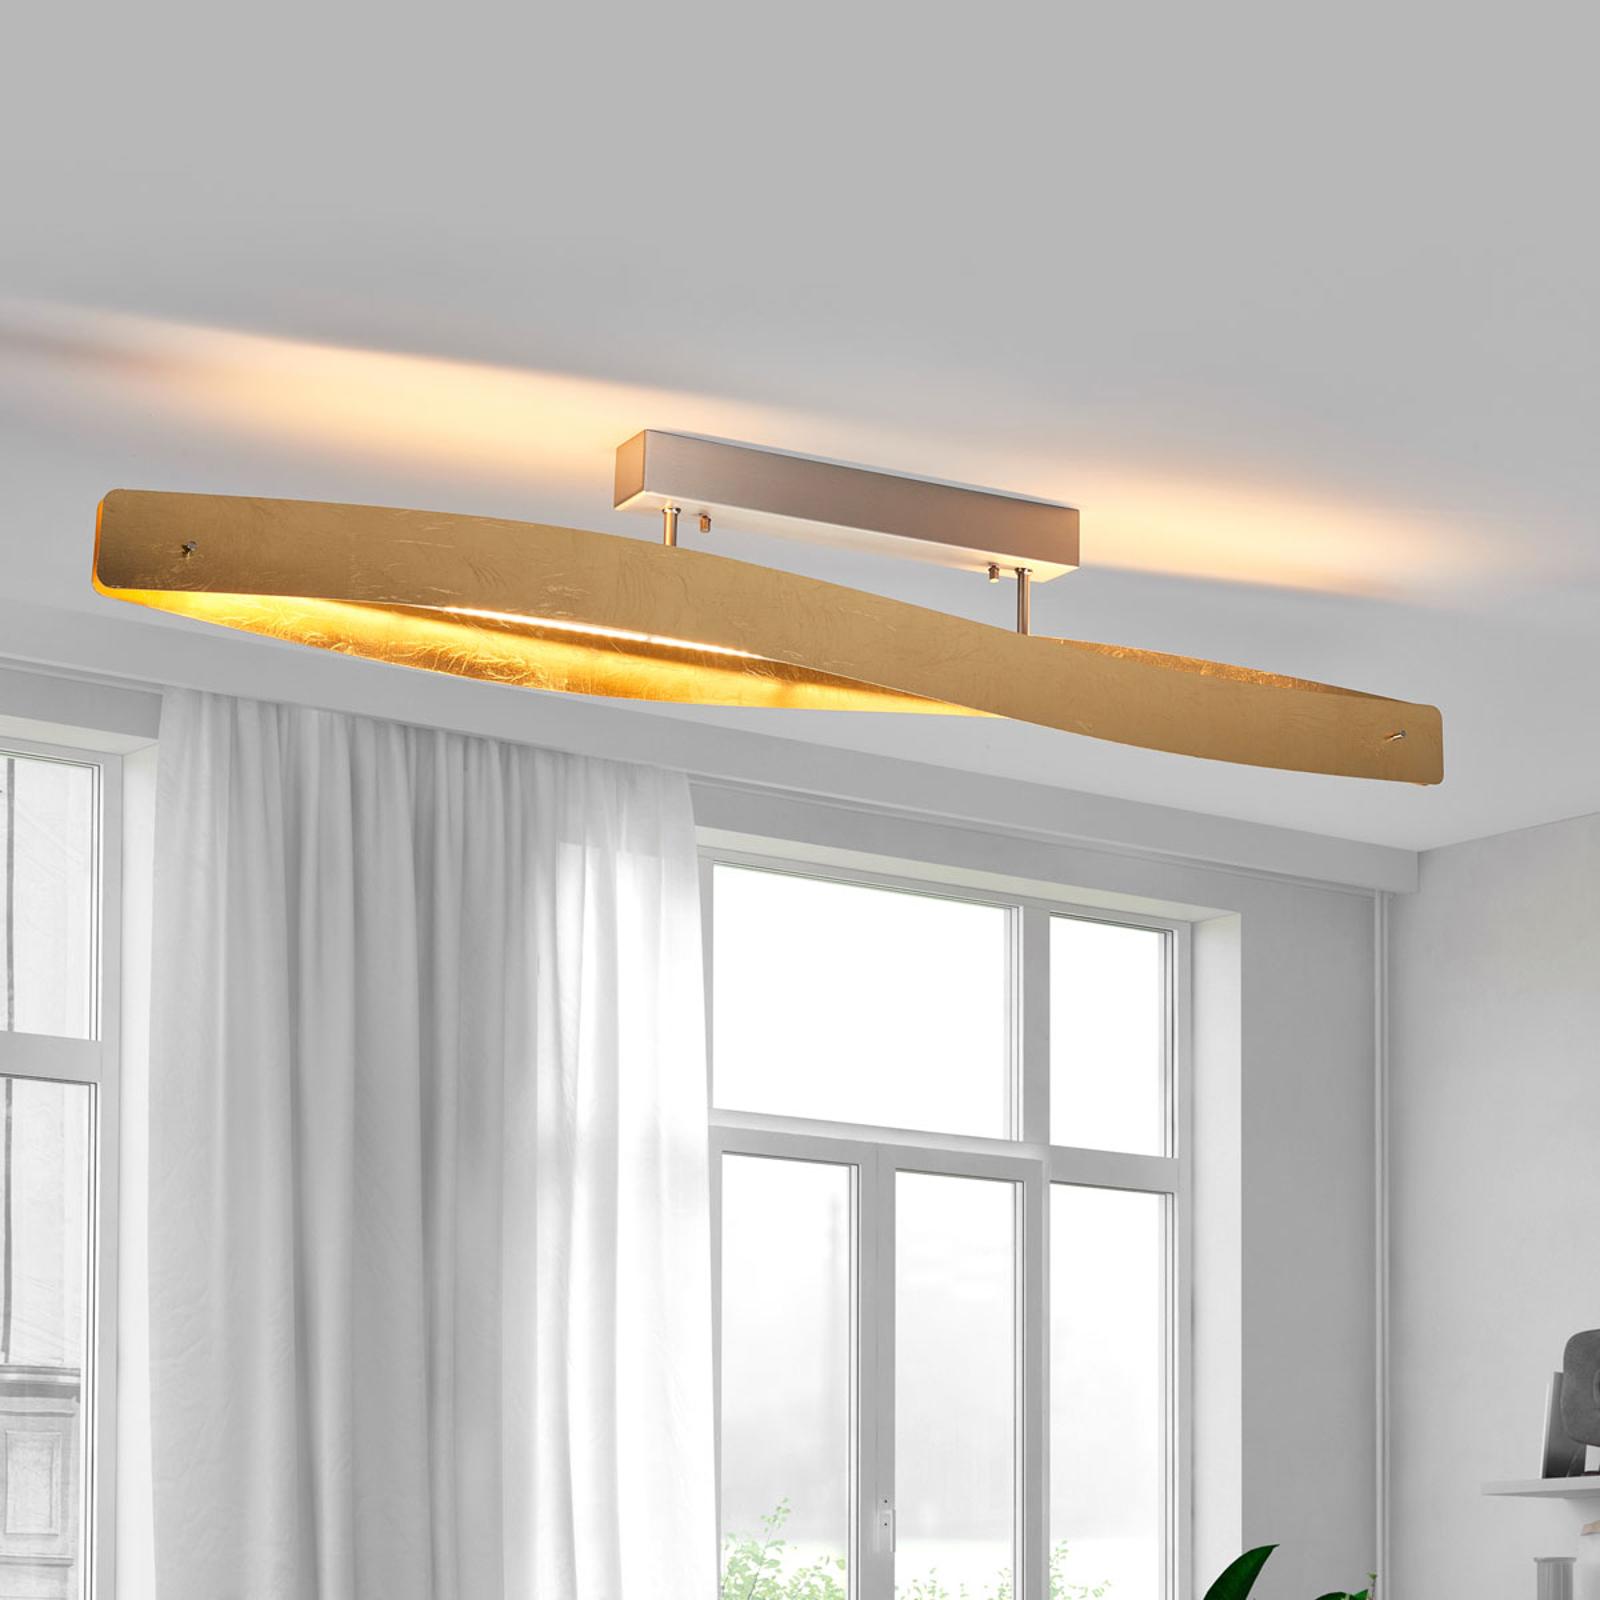 Elegant LED-taklampe med slagmetallfinish